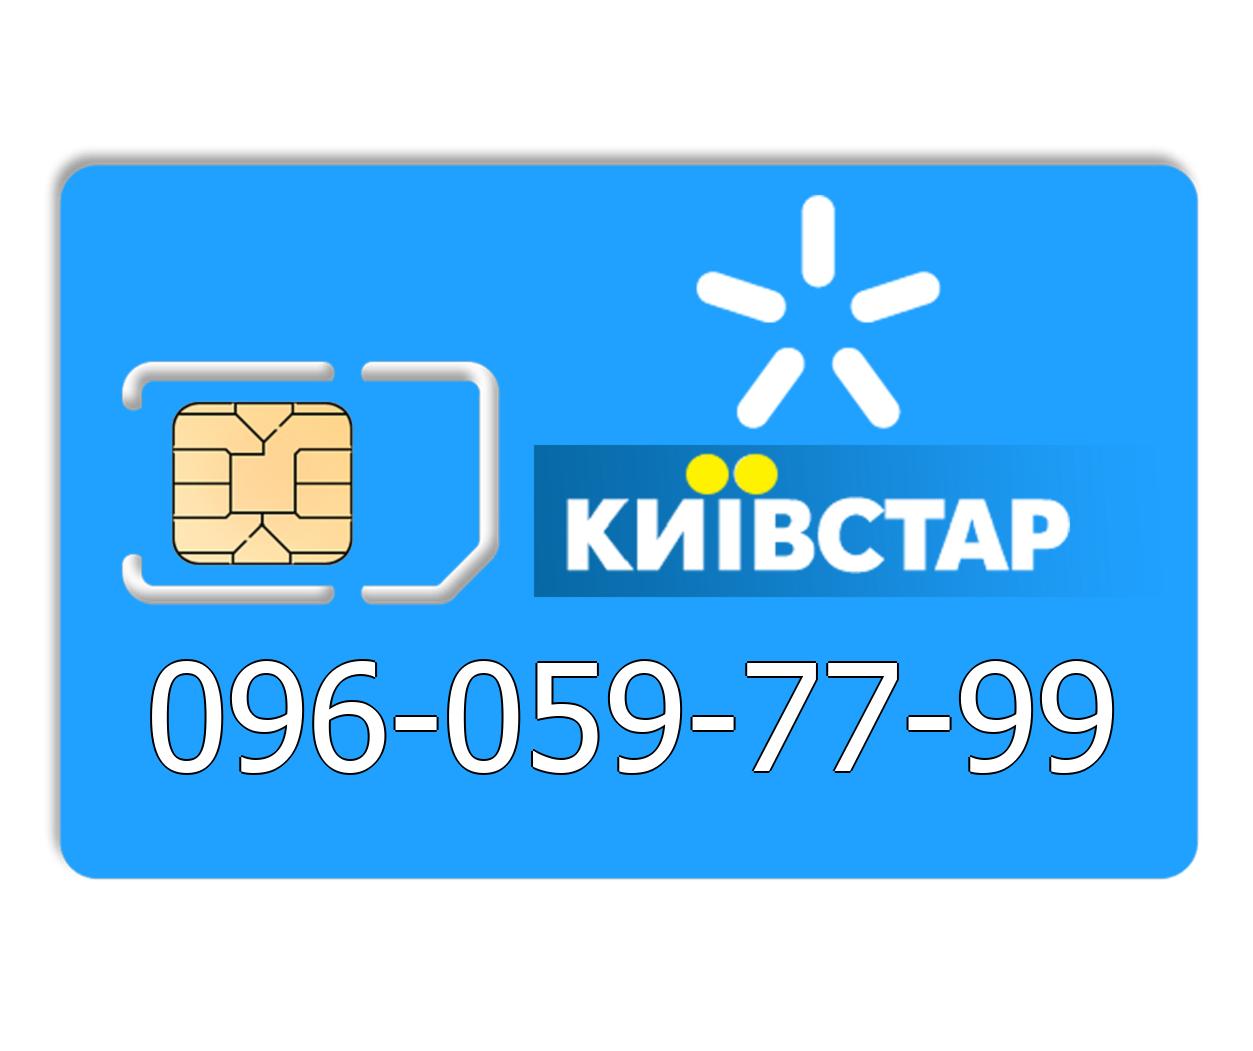 Красивый номер Киевстар 096-059-77-99